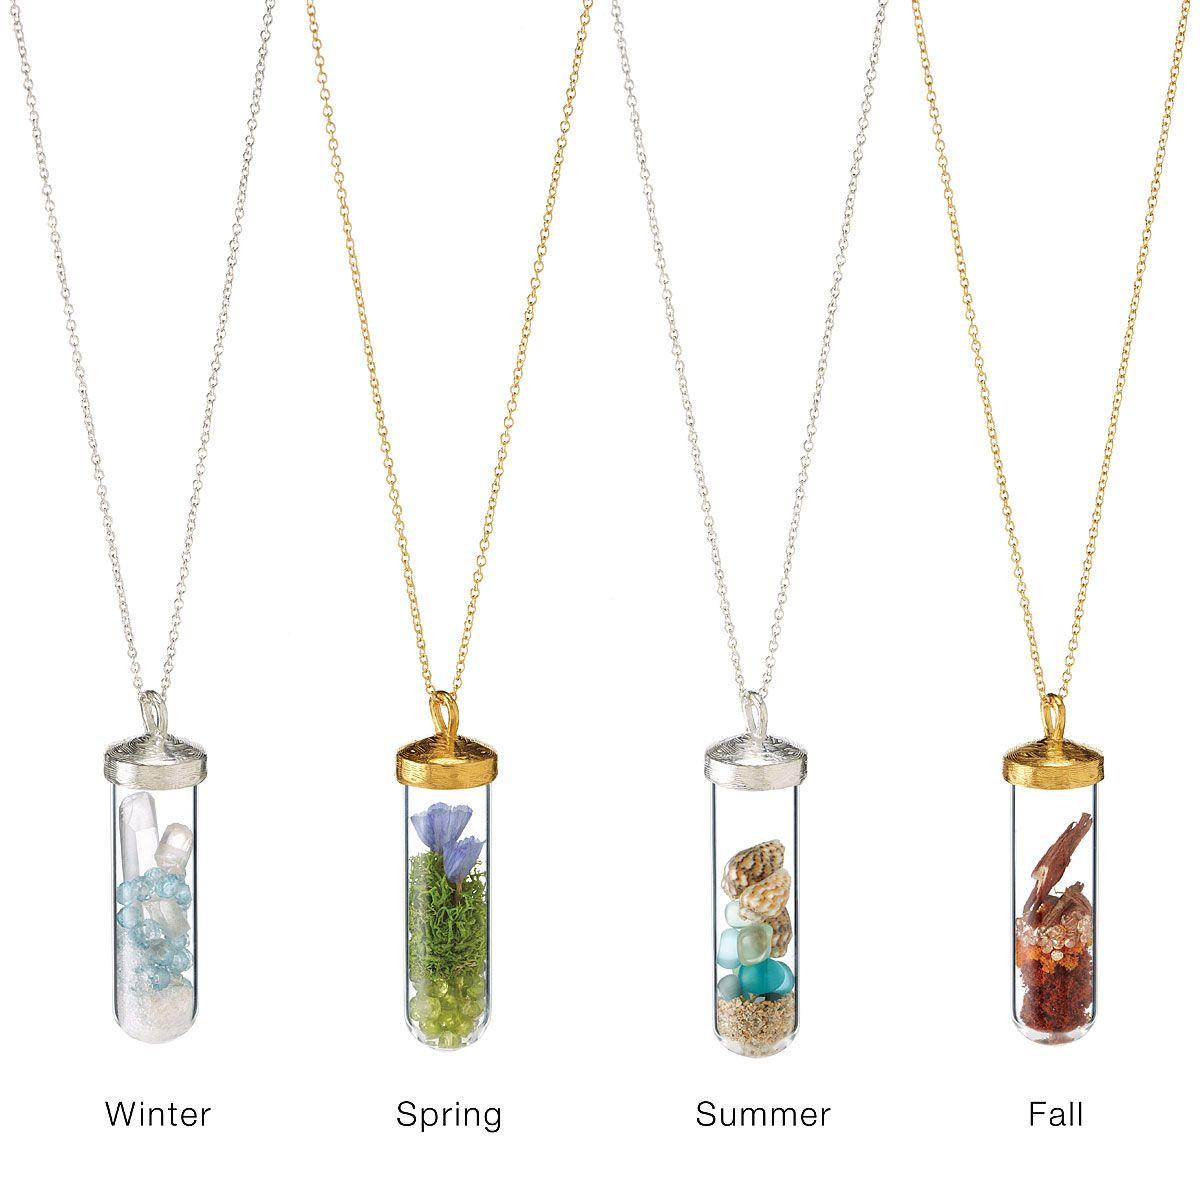 Seasons Terrarium Necklaces Terrarium Necklace Fall